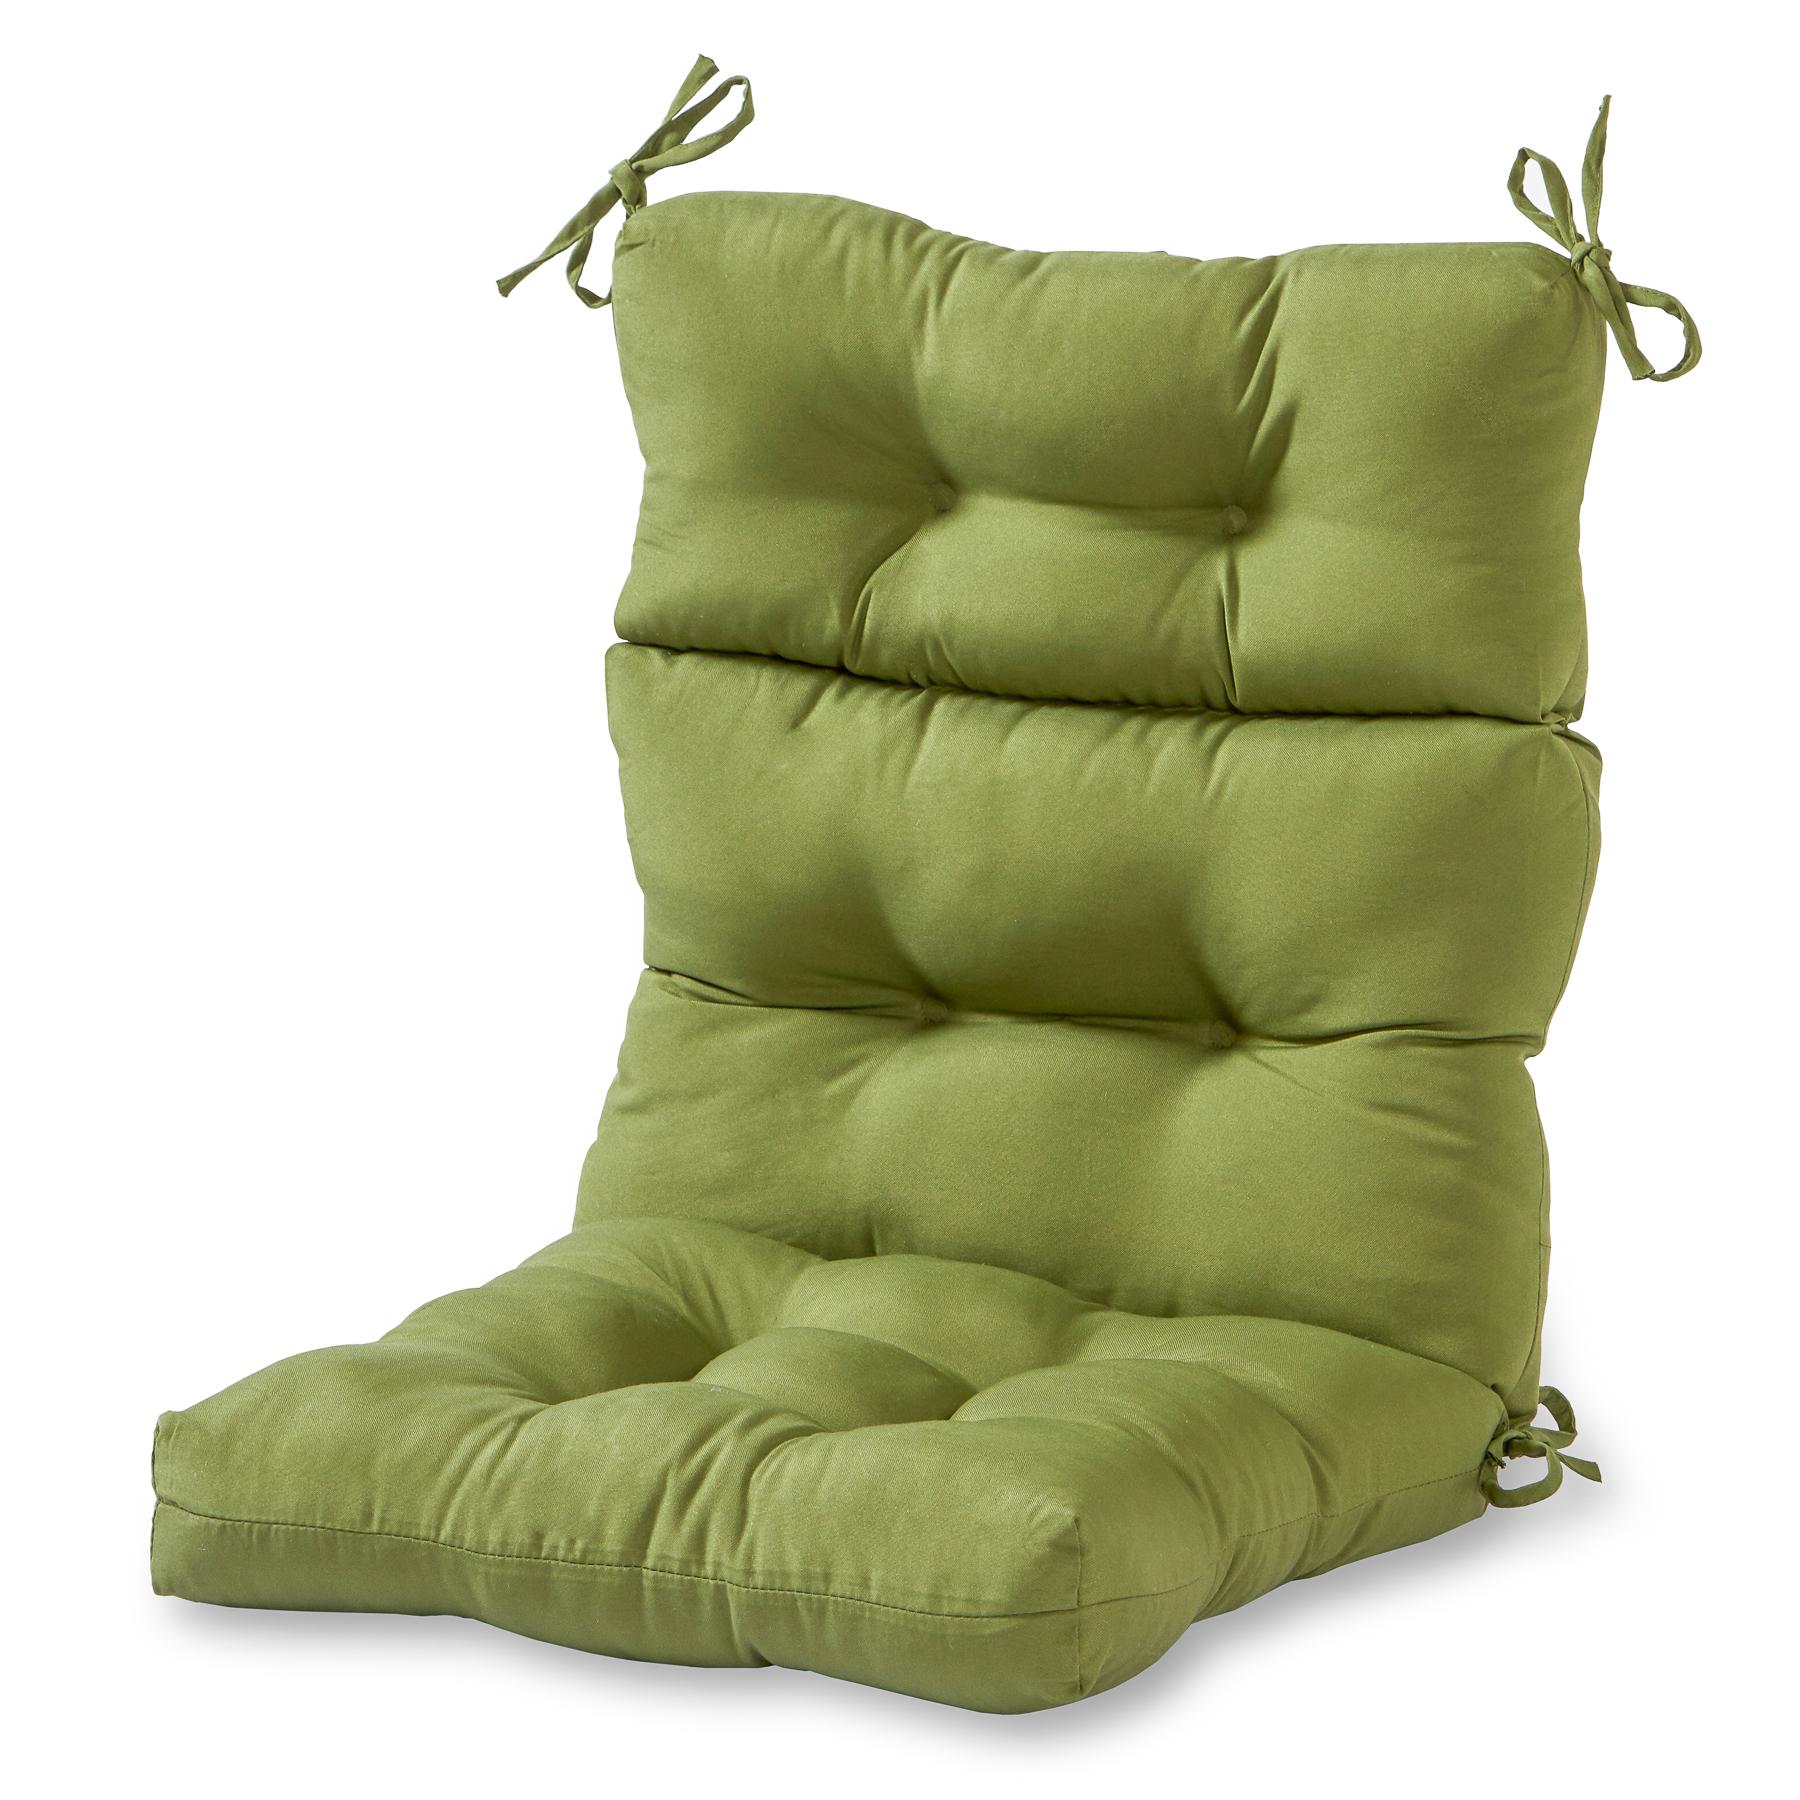 Greendale Home Fashions Outdoor High Chair Cushion